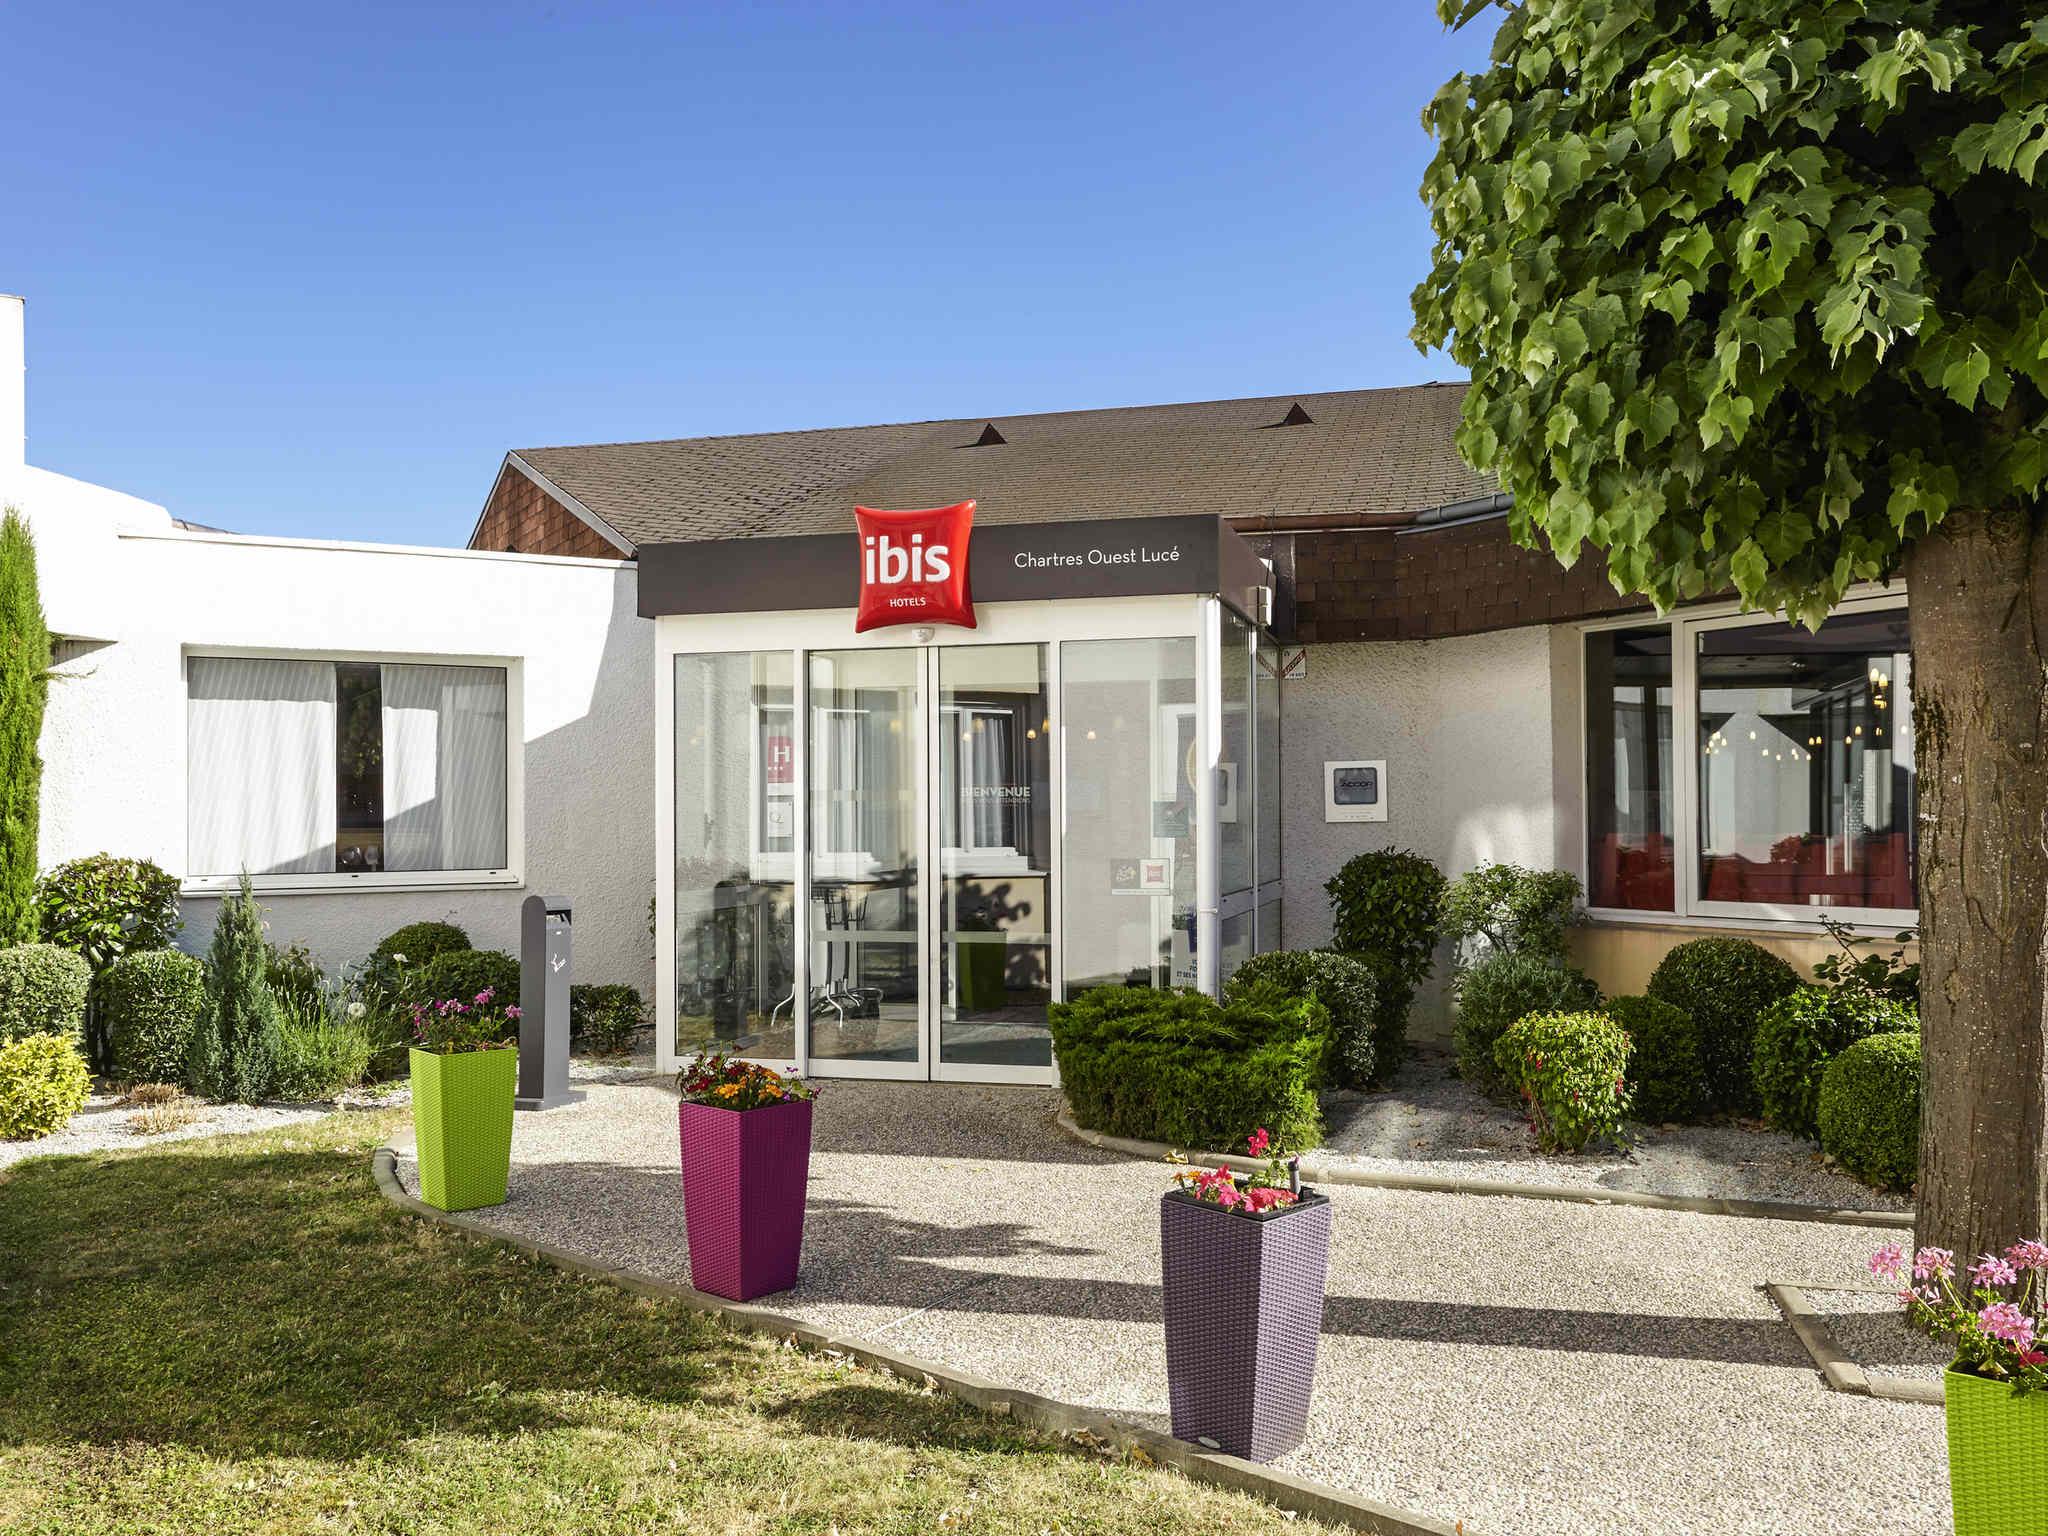 فندق - ibis Chartres Ouest Luce